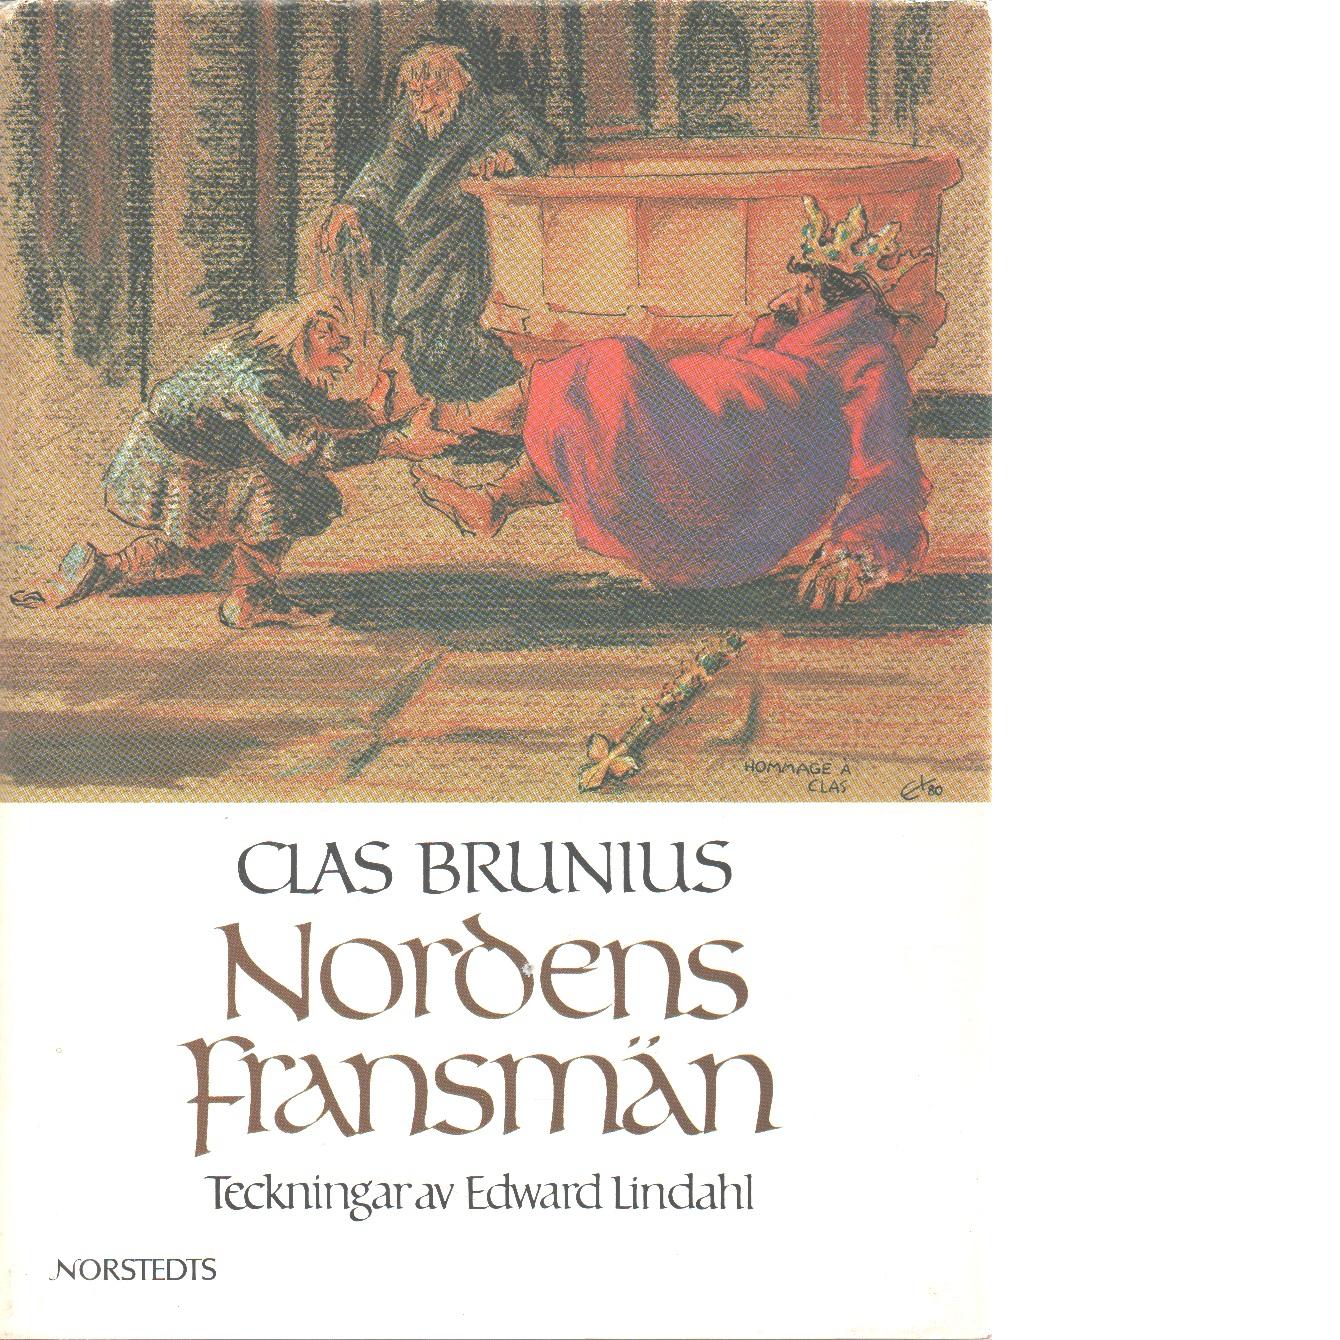 Nordens fransmän : sju hertigar i Normandie 850-1066 - Brunius, Clas